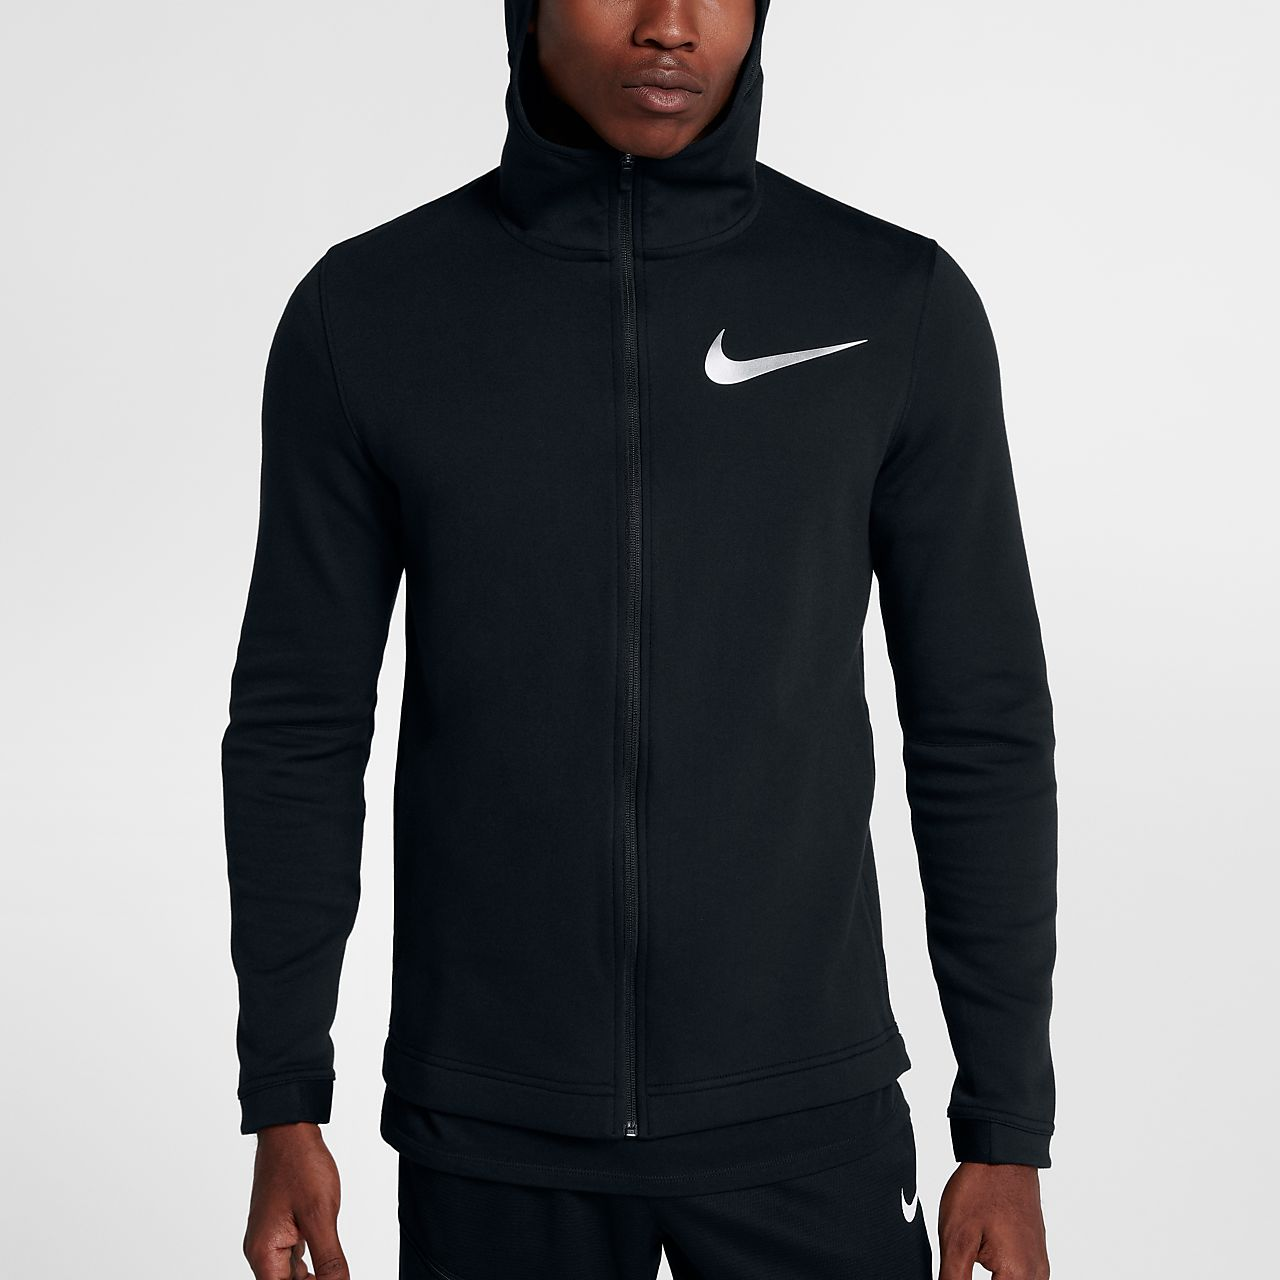 Men's Nike Hyper Elite Hooded - Basketball Top QC902464d